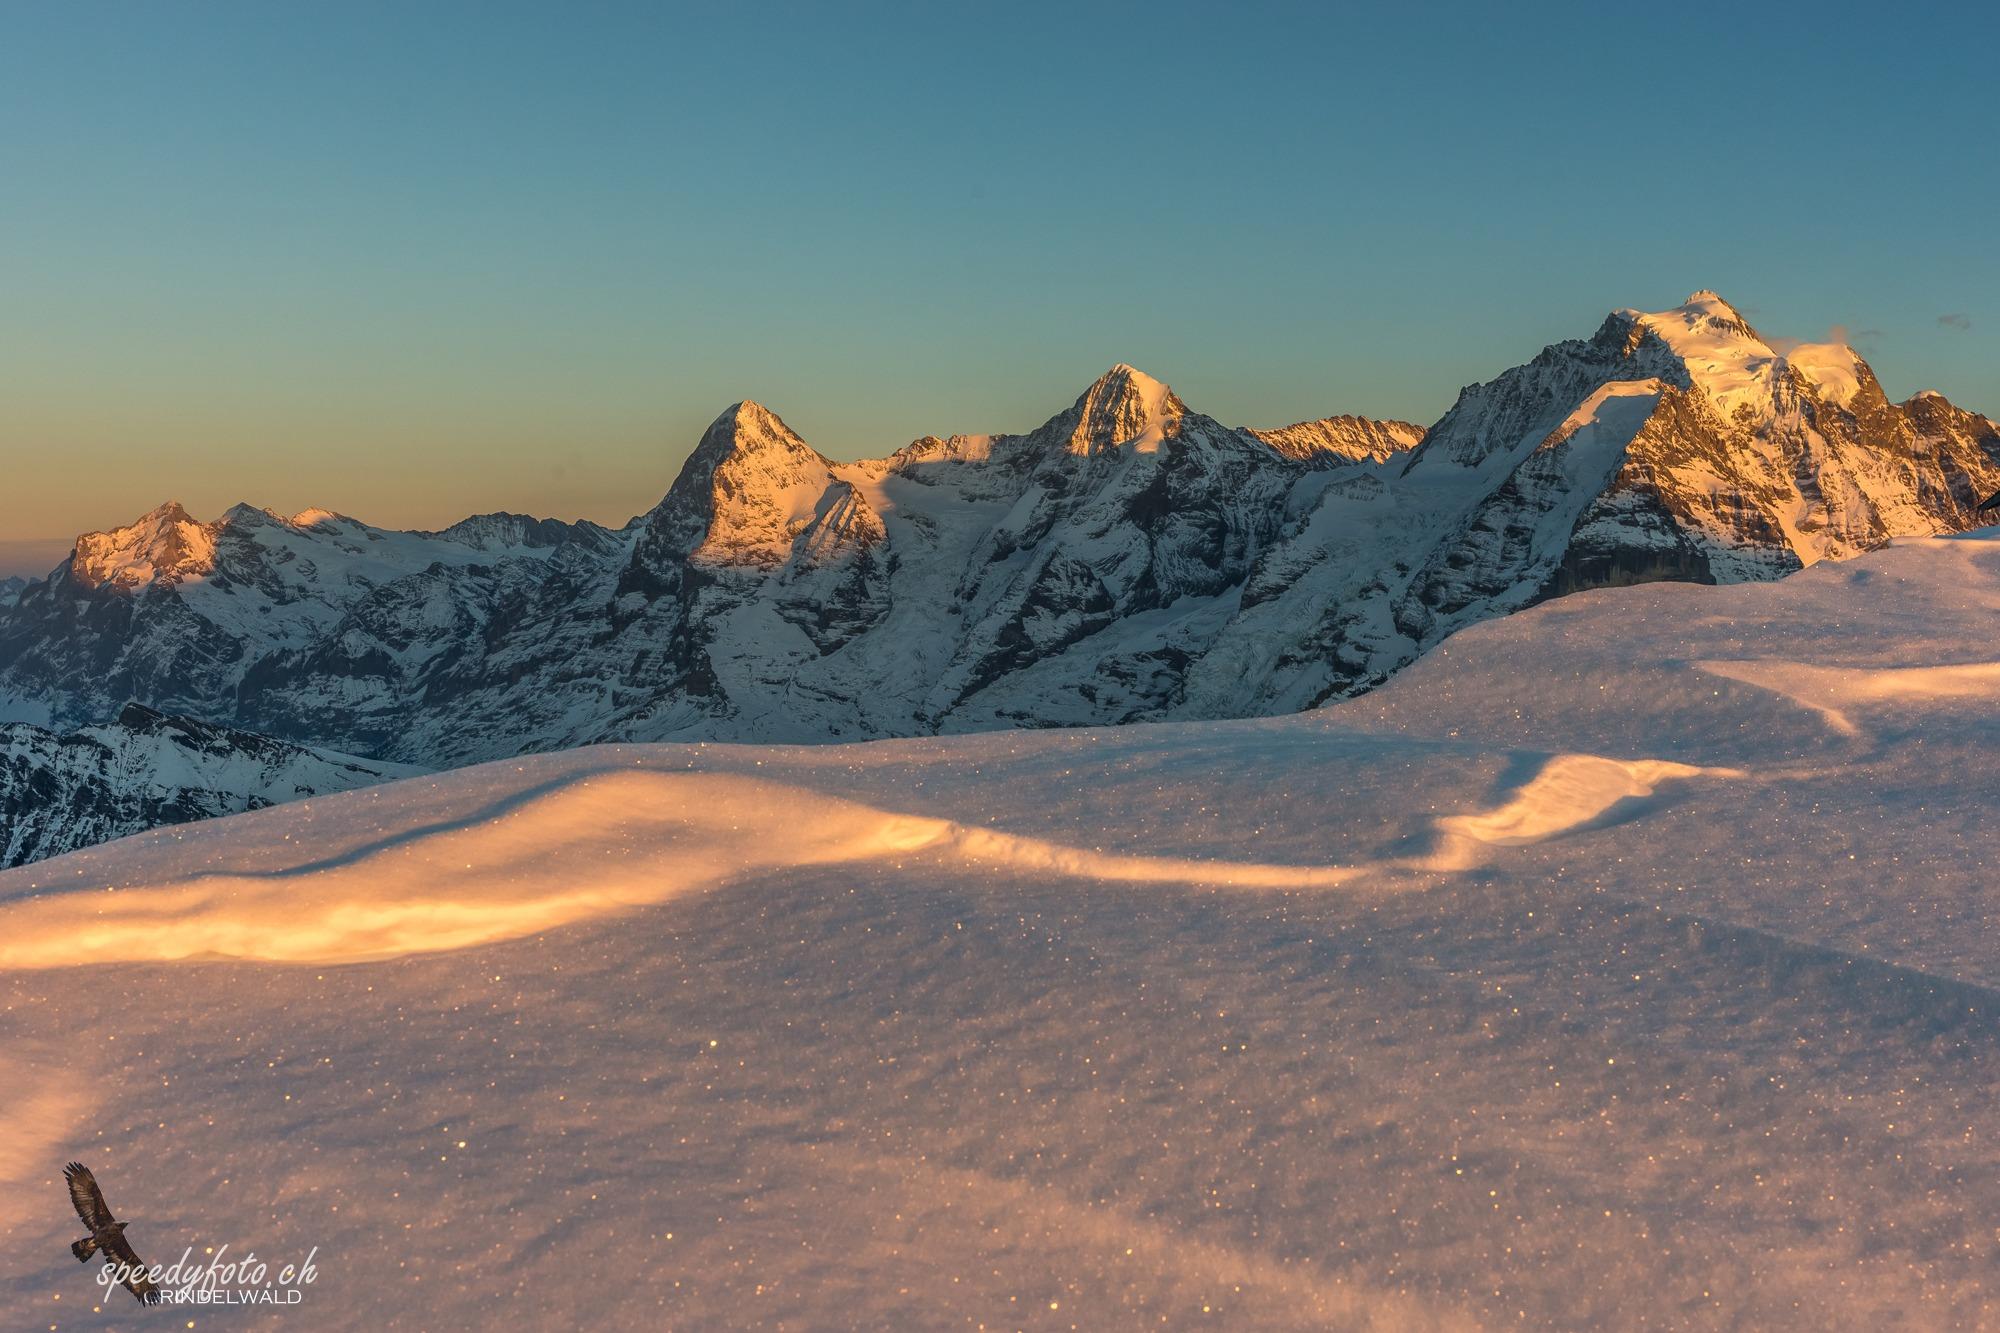 letztes Licht - View from Schilthorn